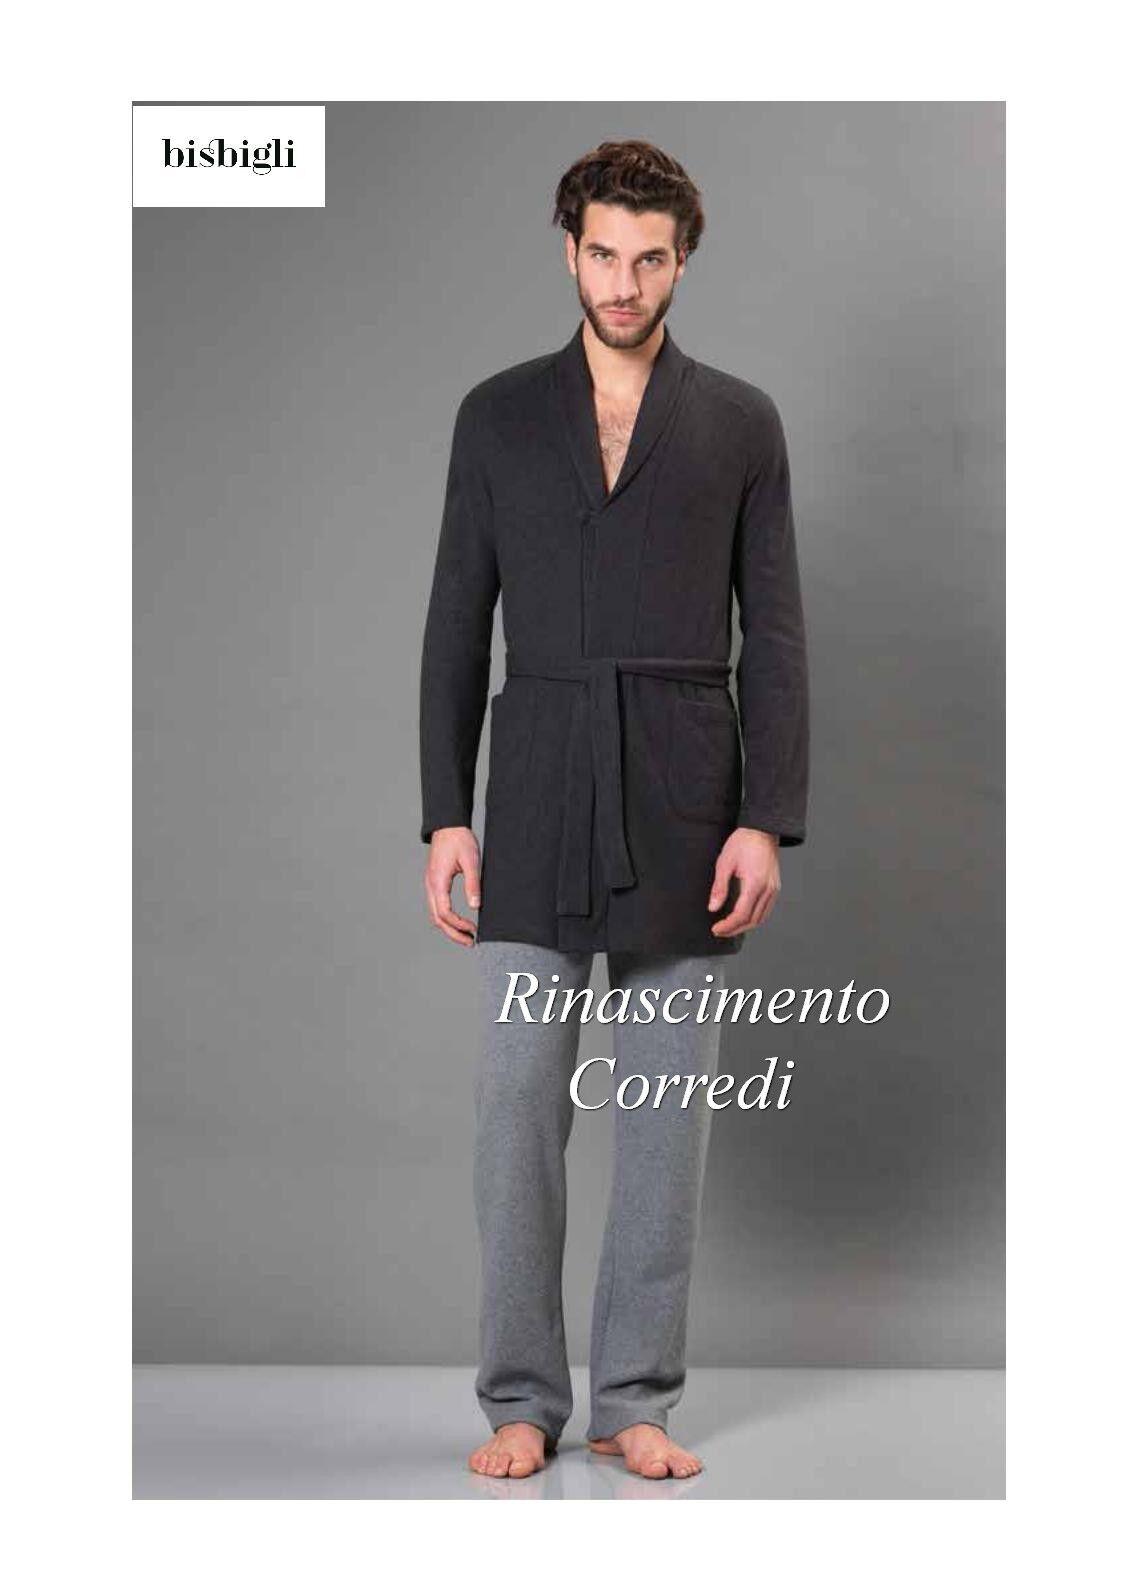 Vestaglie uomo e giacca da camera vari modelli per tutte le